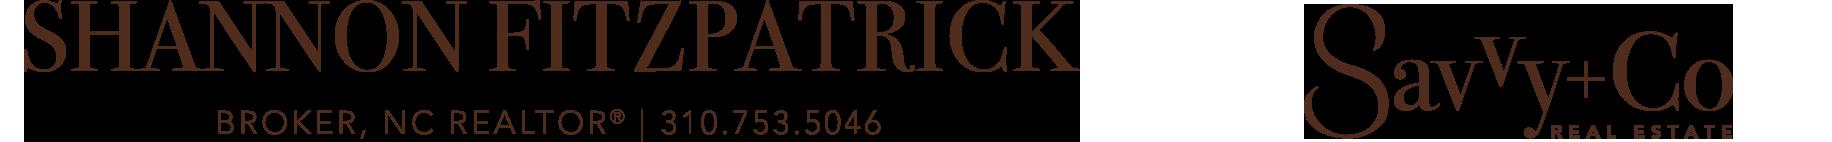 Shannon Fitzpatrick, Broker, NC REALTOR® Logo